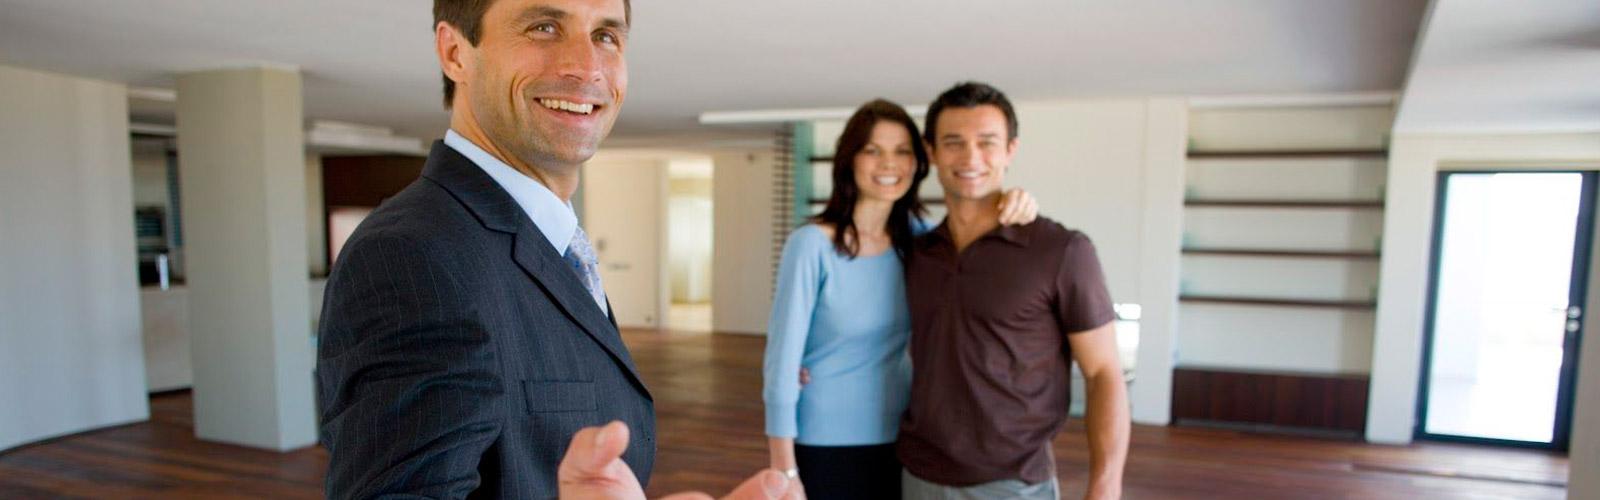 Servicio de Asesoría Legal para el Arrendamiento de viviendas, locales y oficinas - DerechoInmobiliario.pe